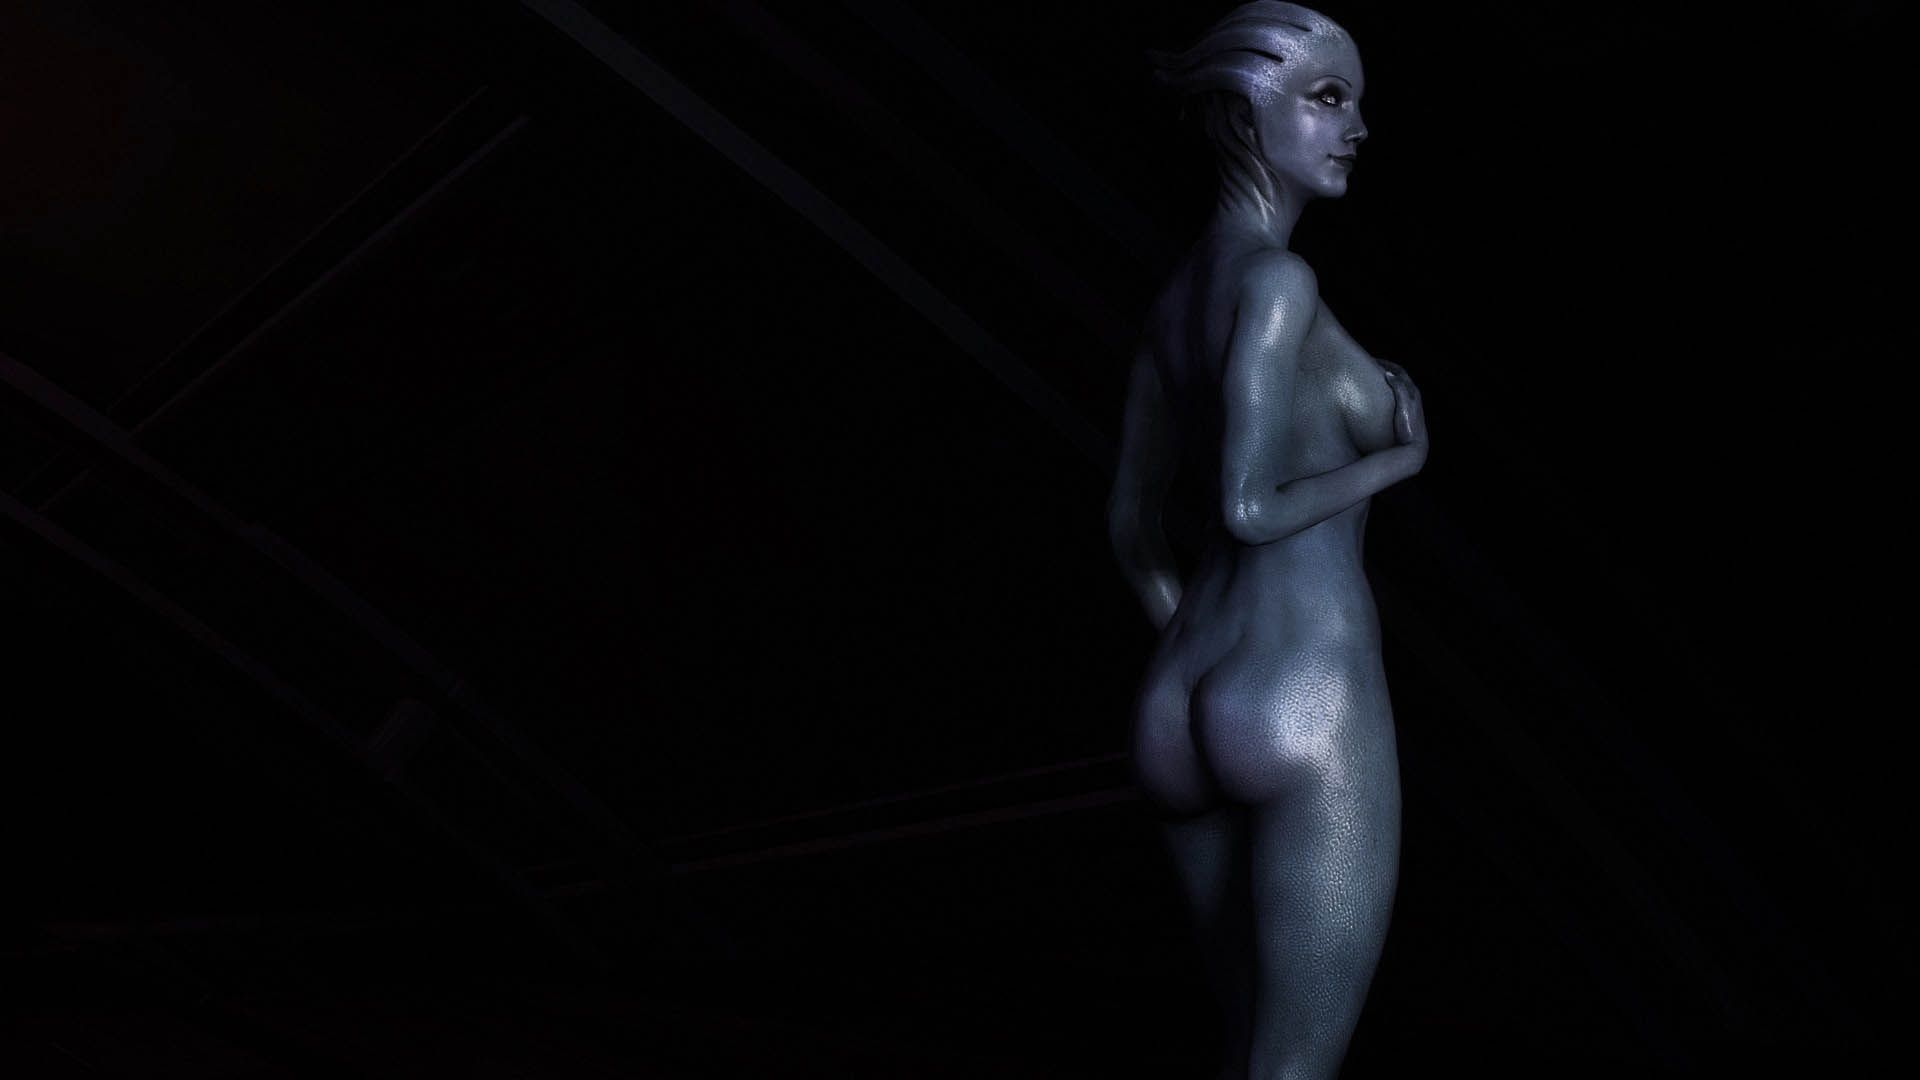 liara nude